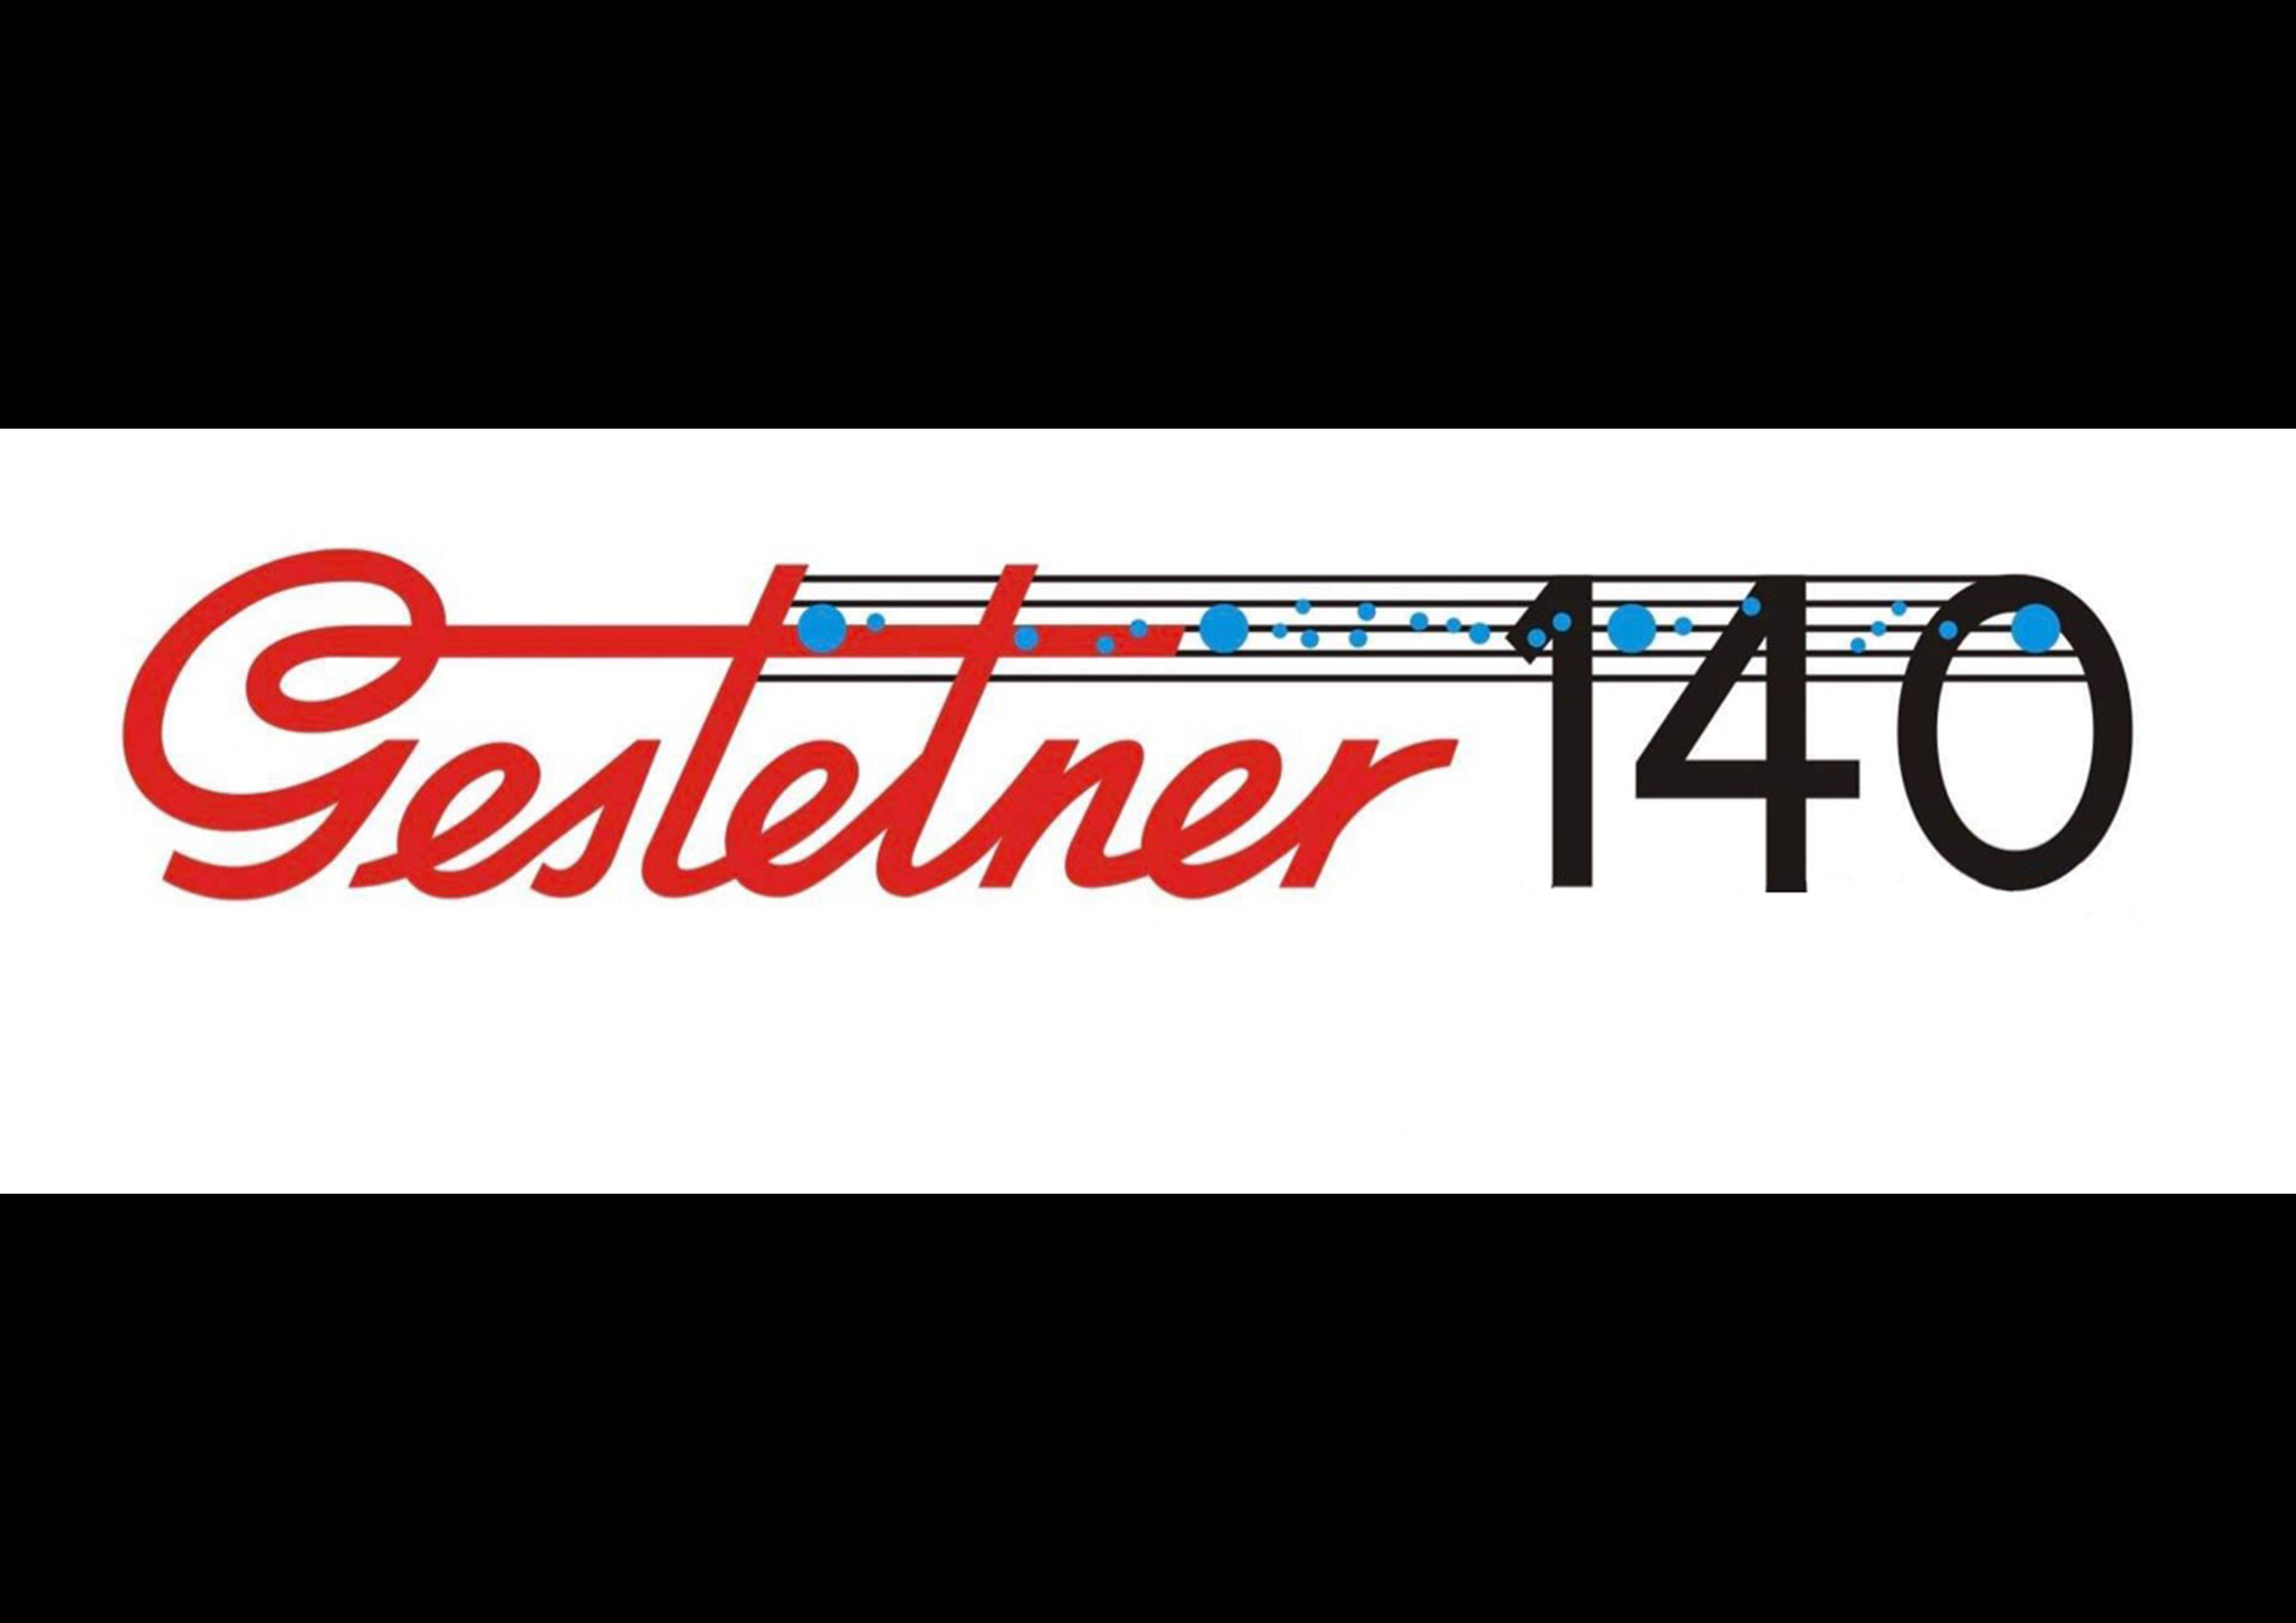 gestetner logo.jpg